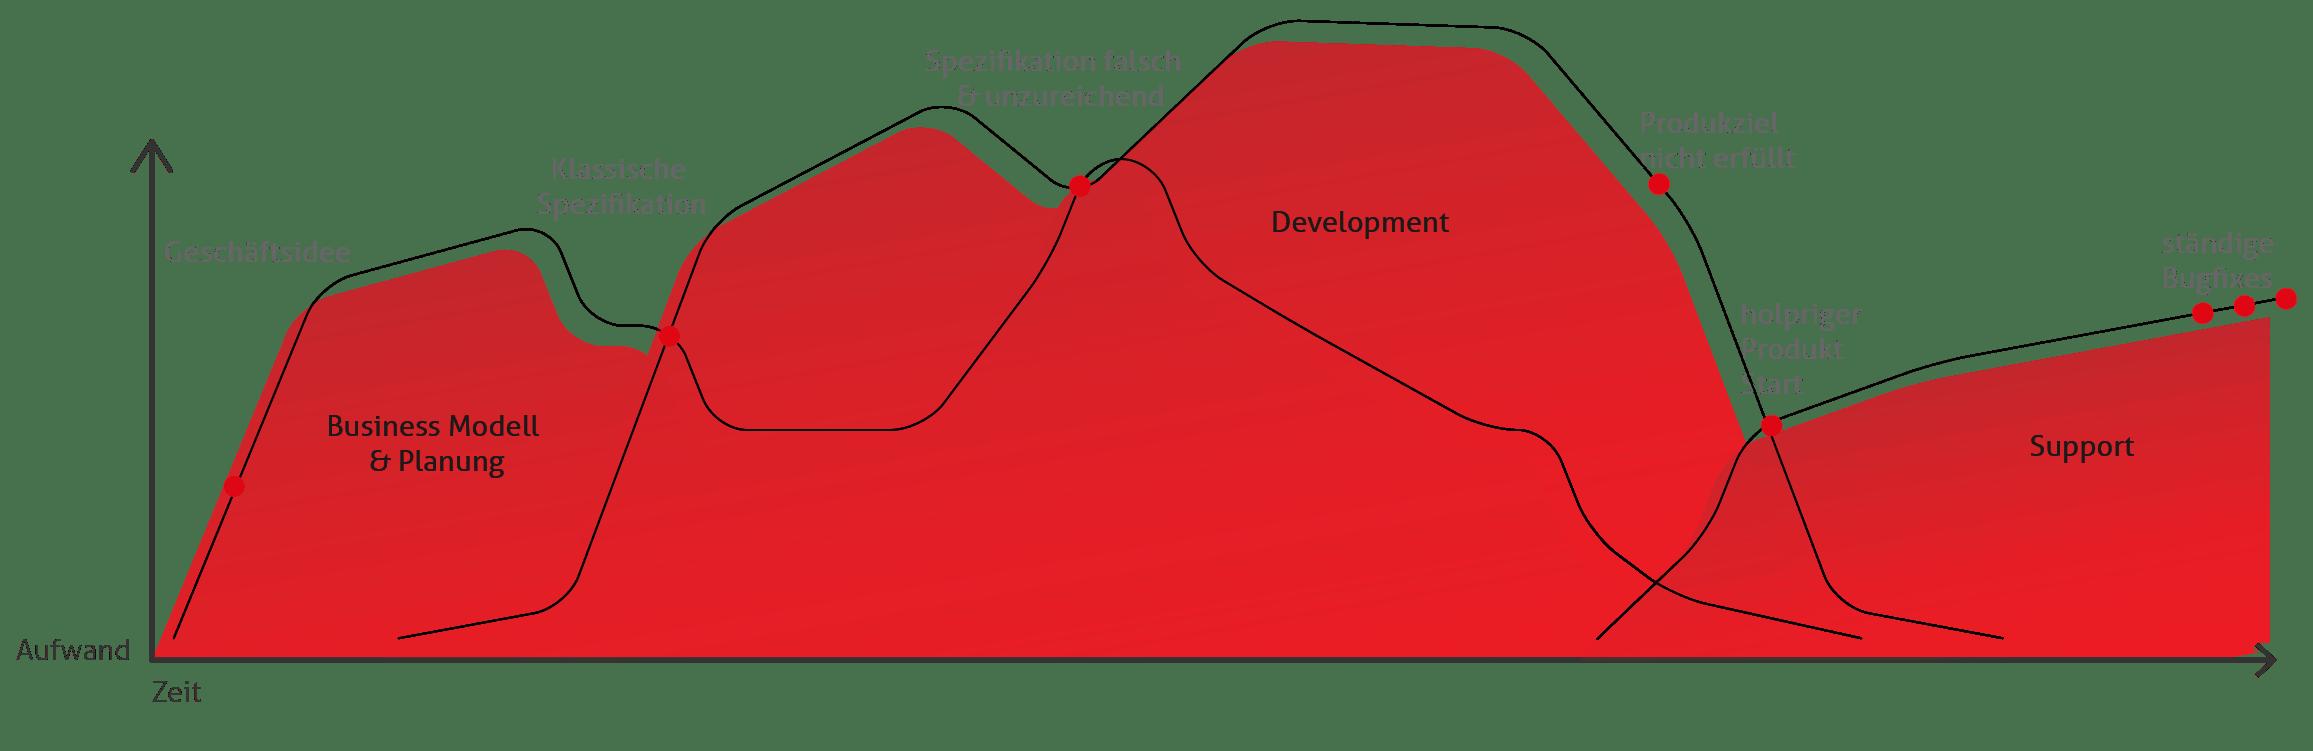 Unnachhaltiger Prozess einer Produktentwicklung mit vieen Stolpersteinen